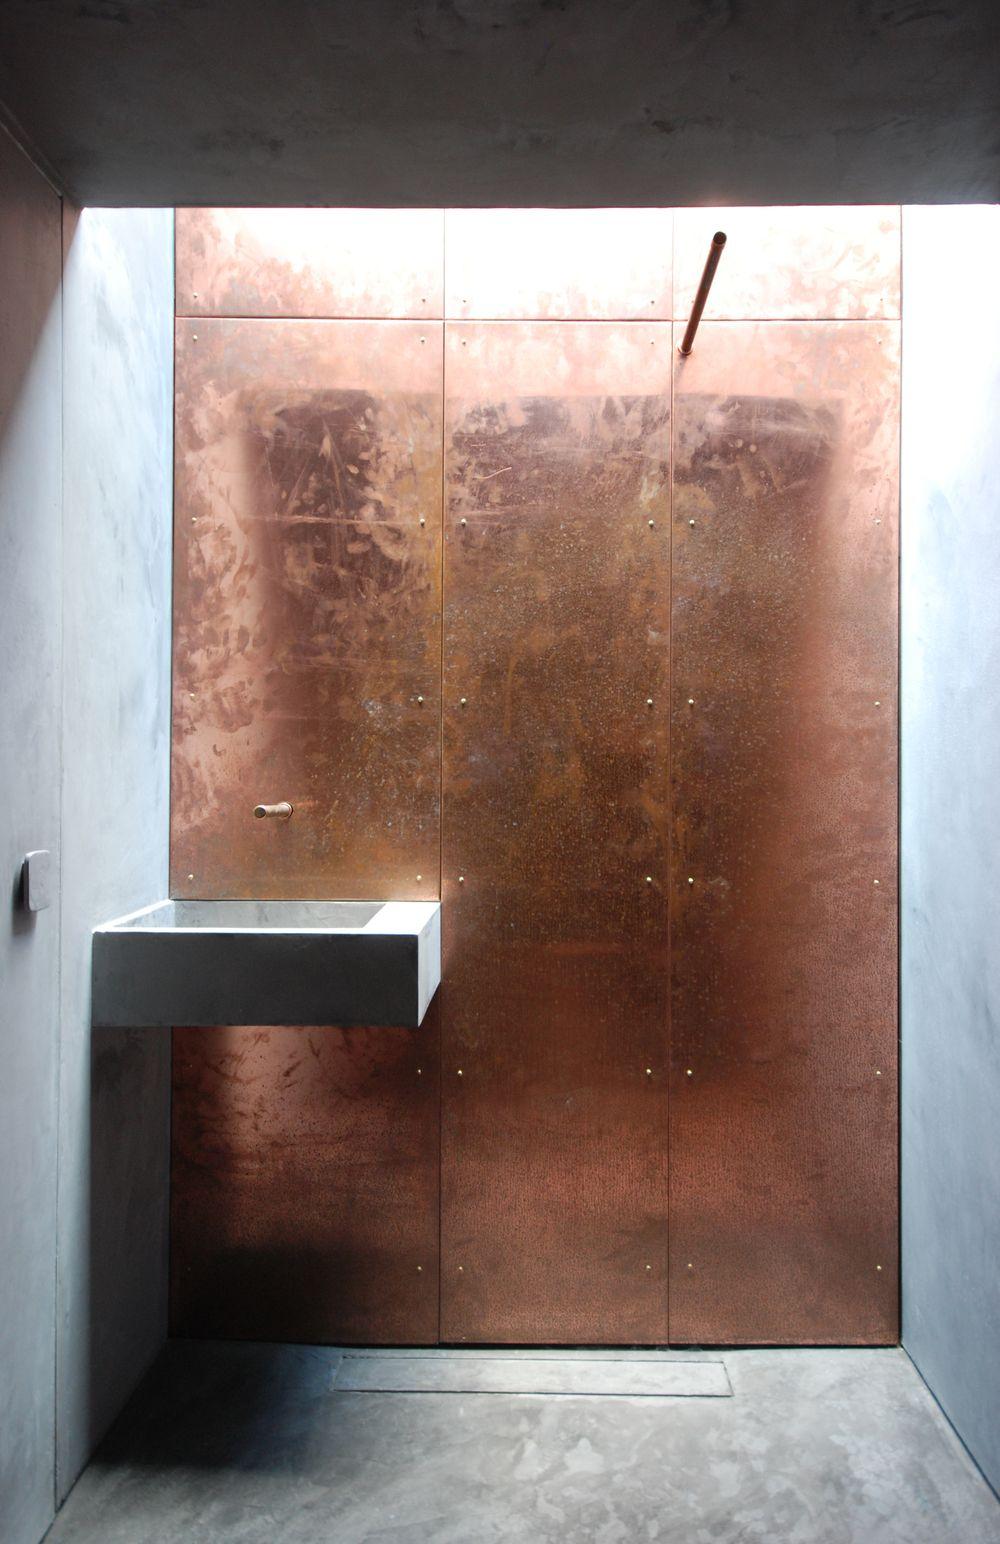 Kupferwand In Badezimmer Kupfer Am Bad Beton Betonboden Betondusche Das Bad In Den Eigenen Vier Wanden Als Wellnes Bathroom Design Bath Design Copper Interior